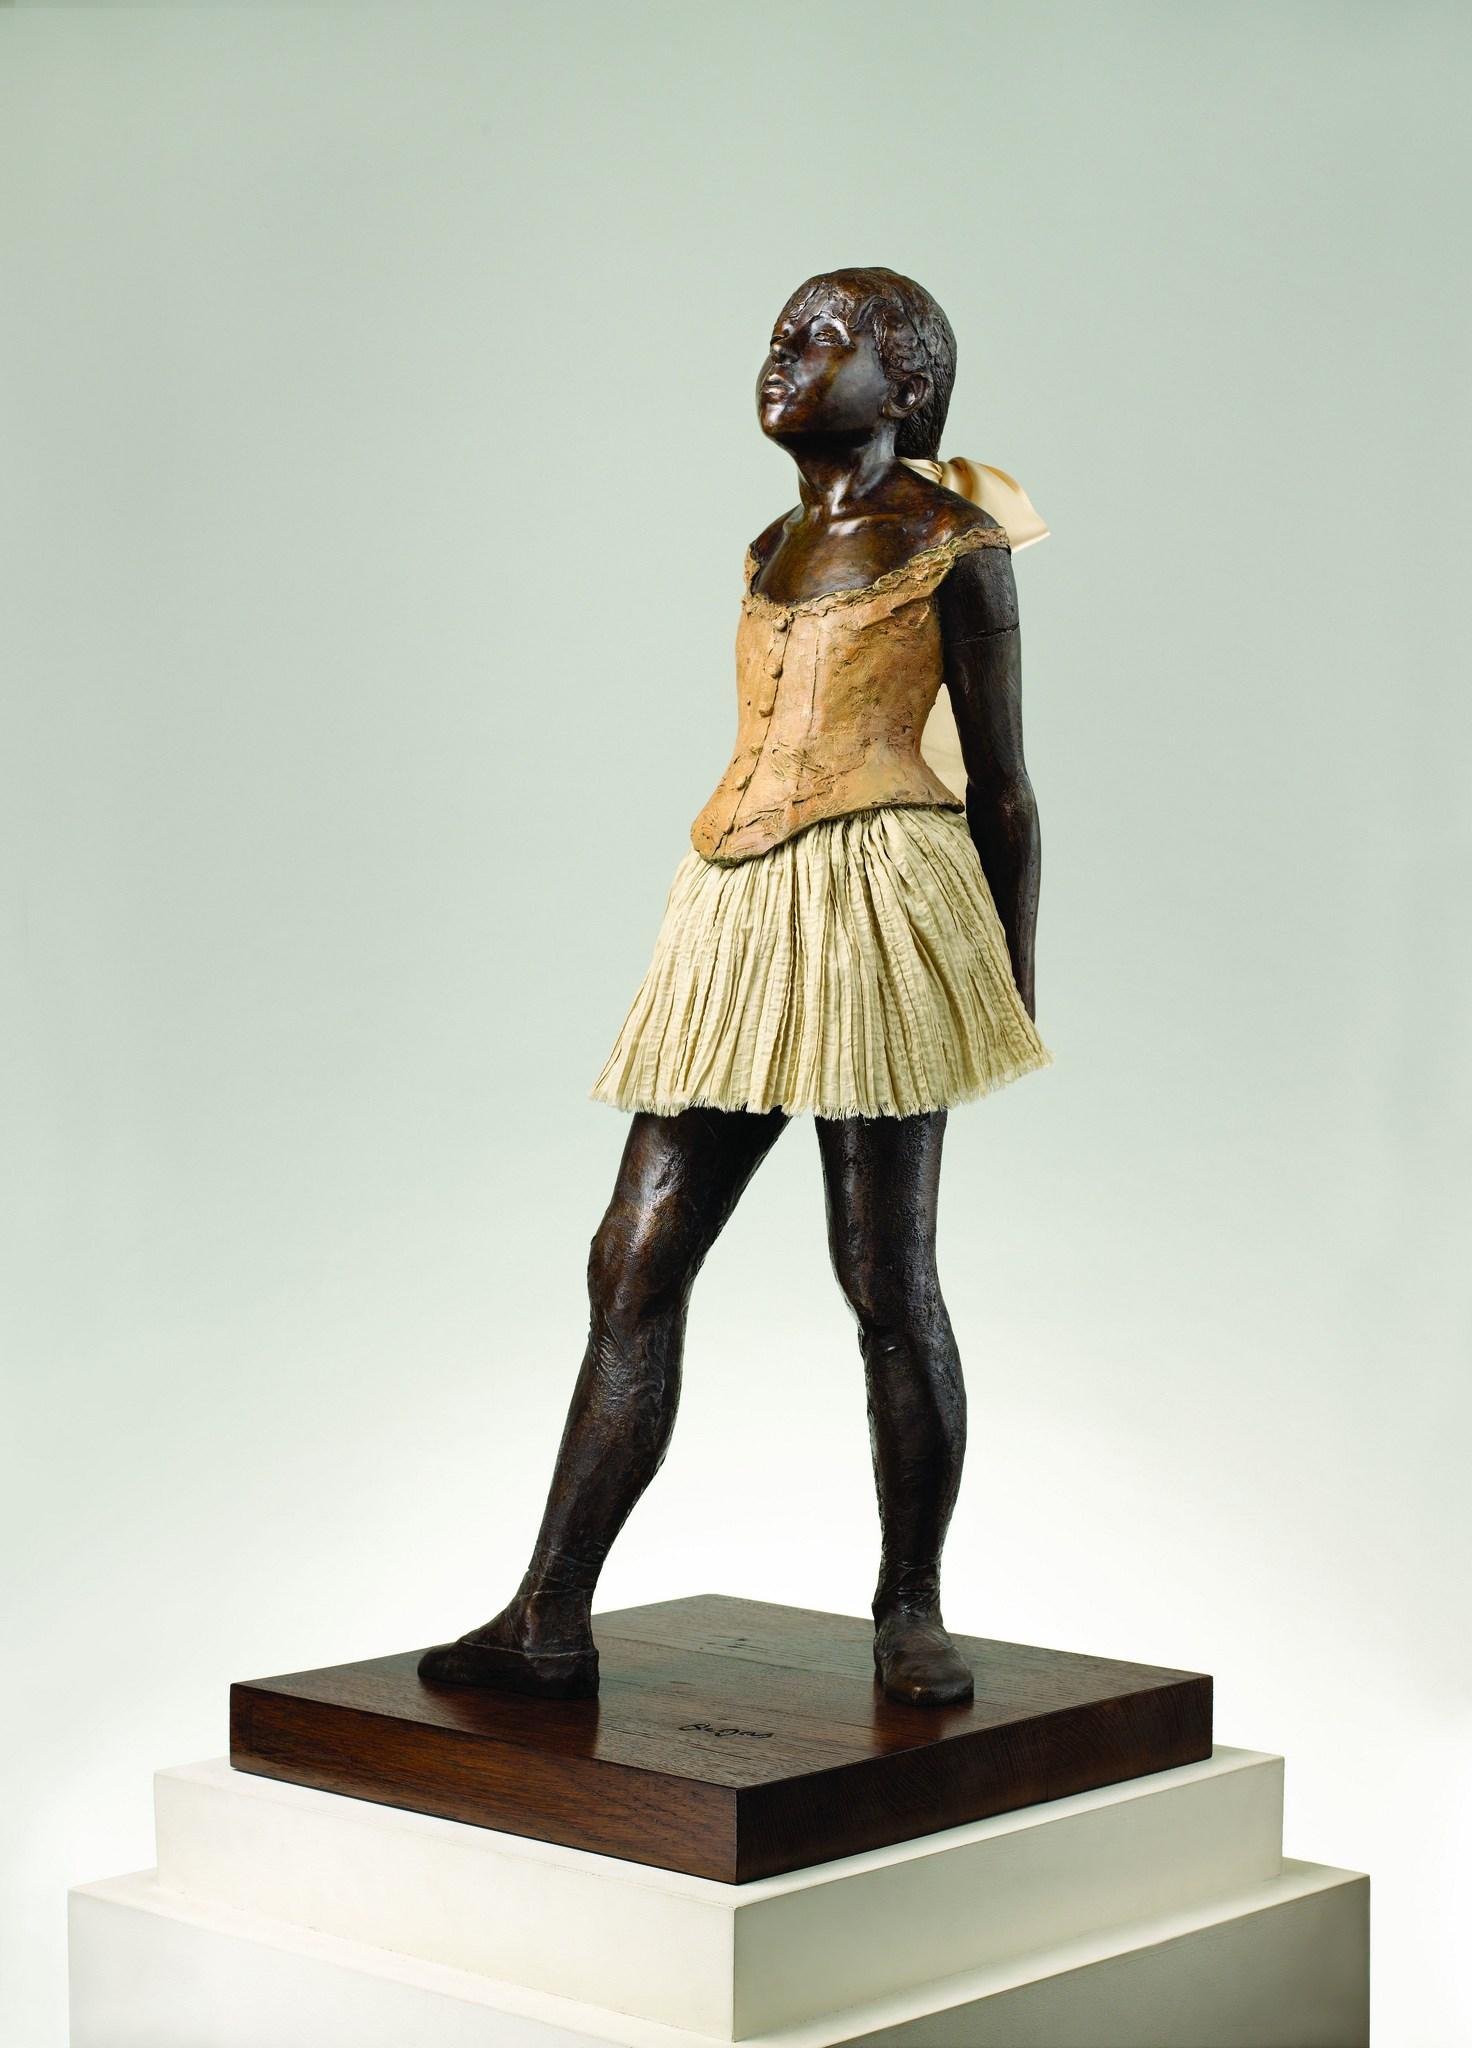 La Petite Danseuse De Degas : petite, danseuse, degas, File:Edgar, Degas, Petite, Danseuse, Quatorze, 1997.jpg, Wikimedia, Commons